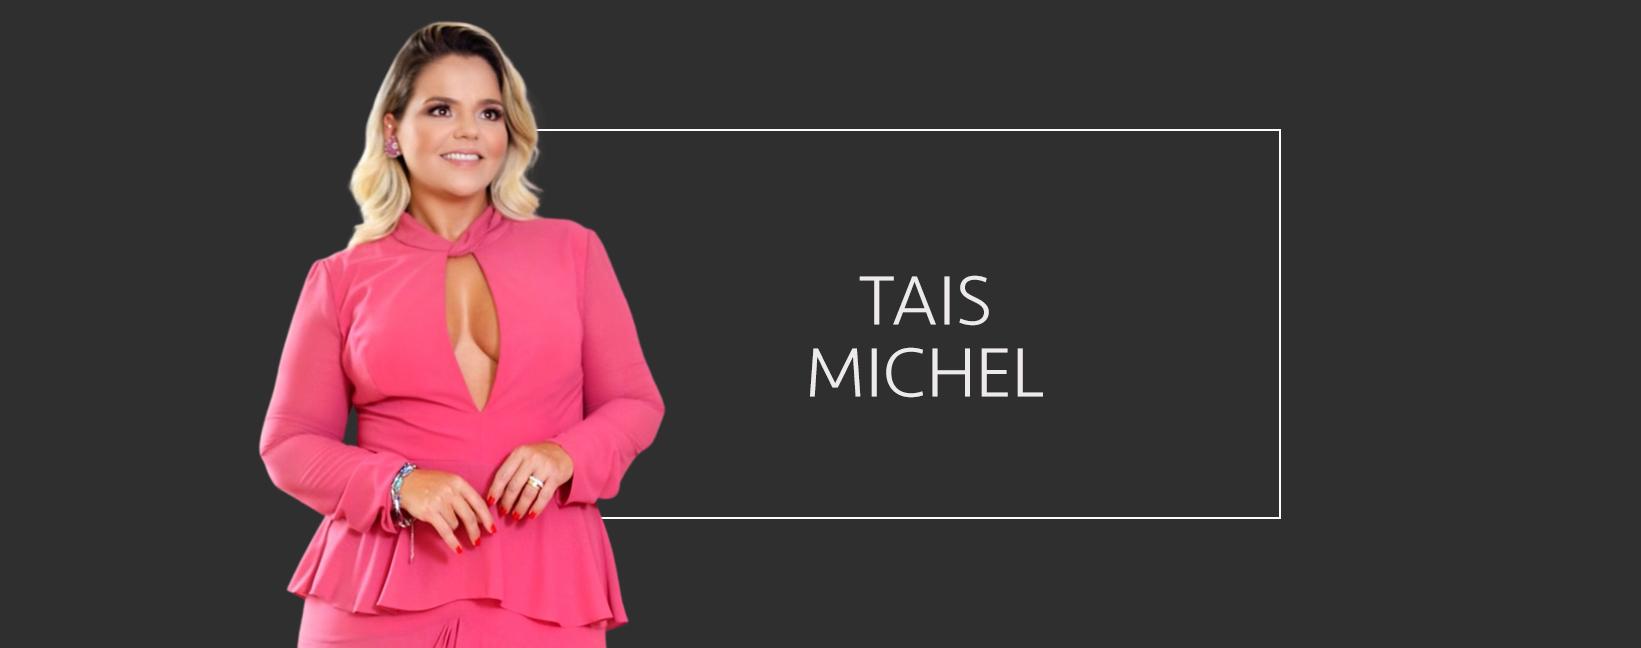 Taís Michel